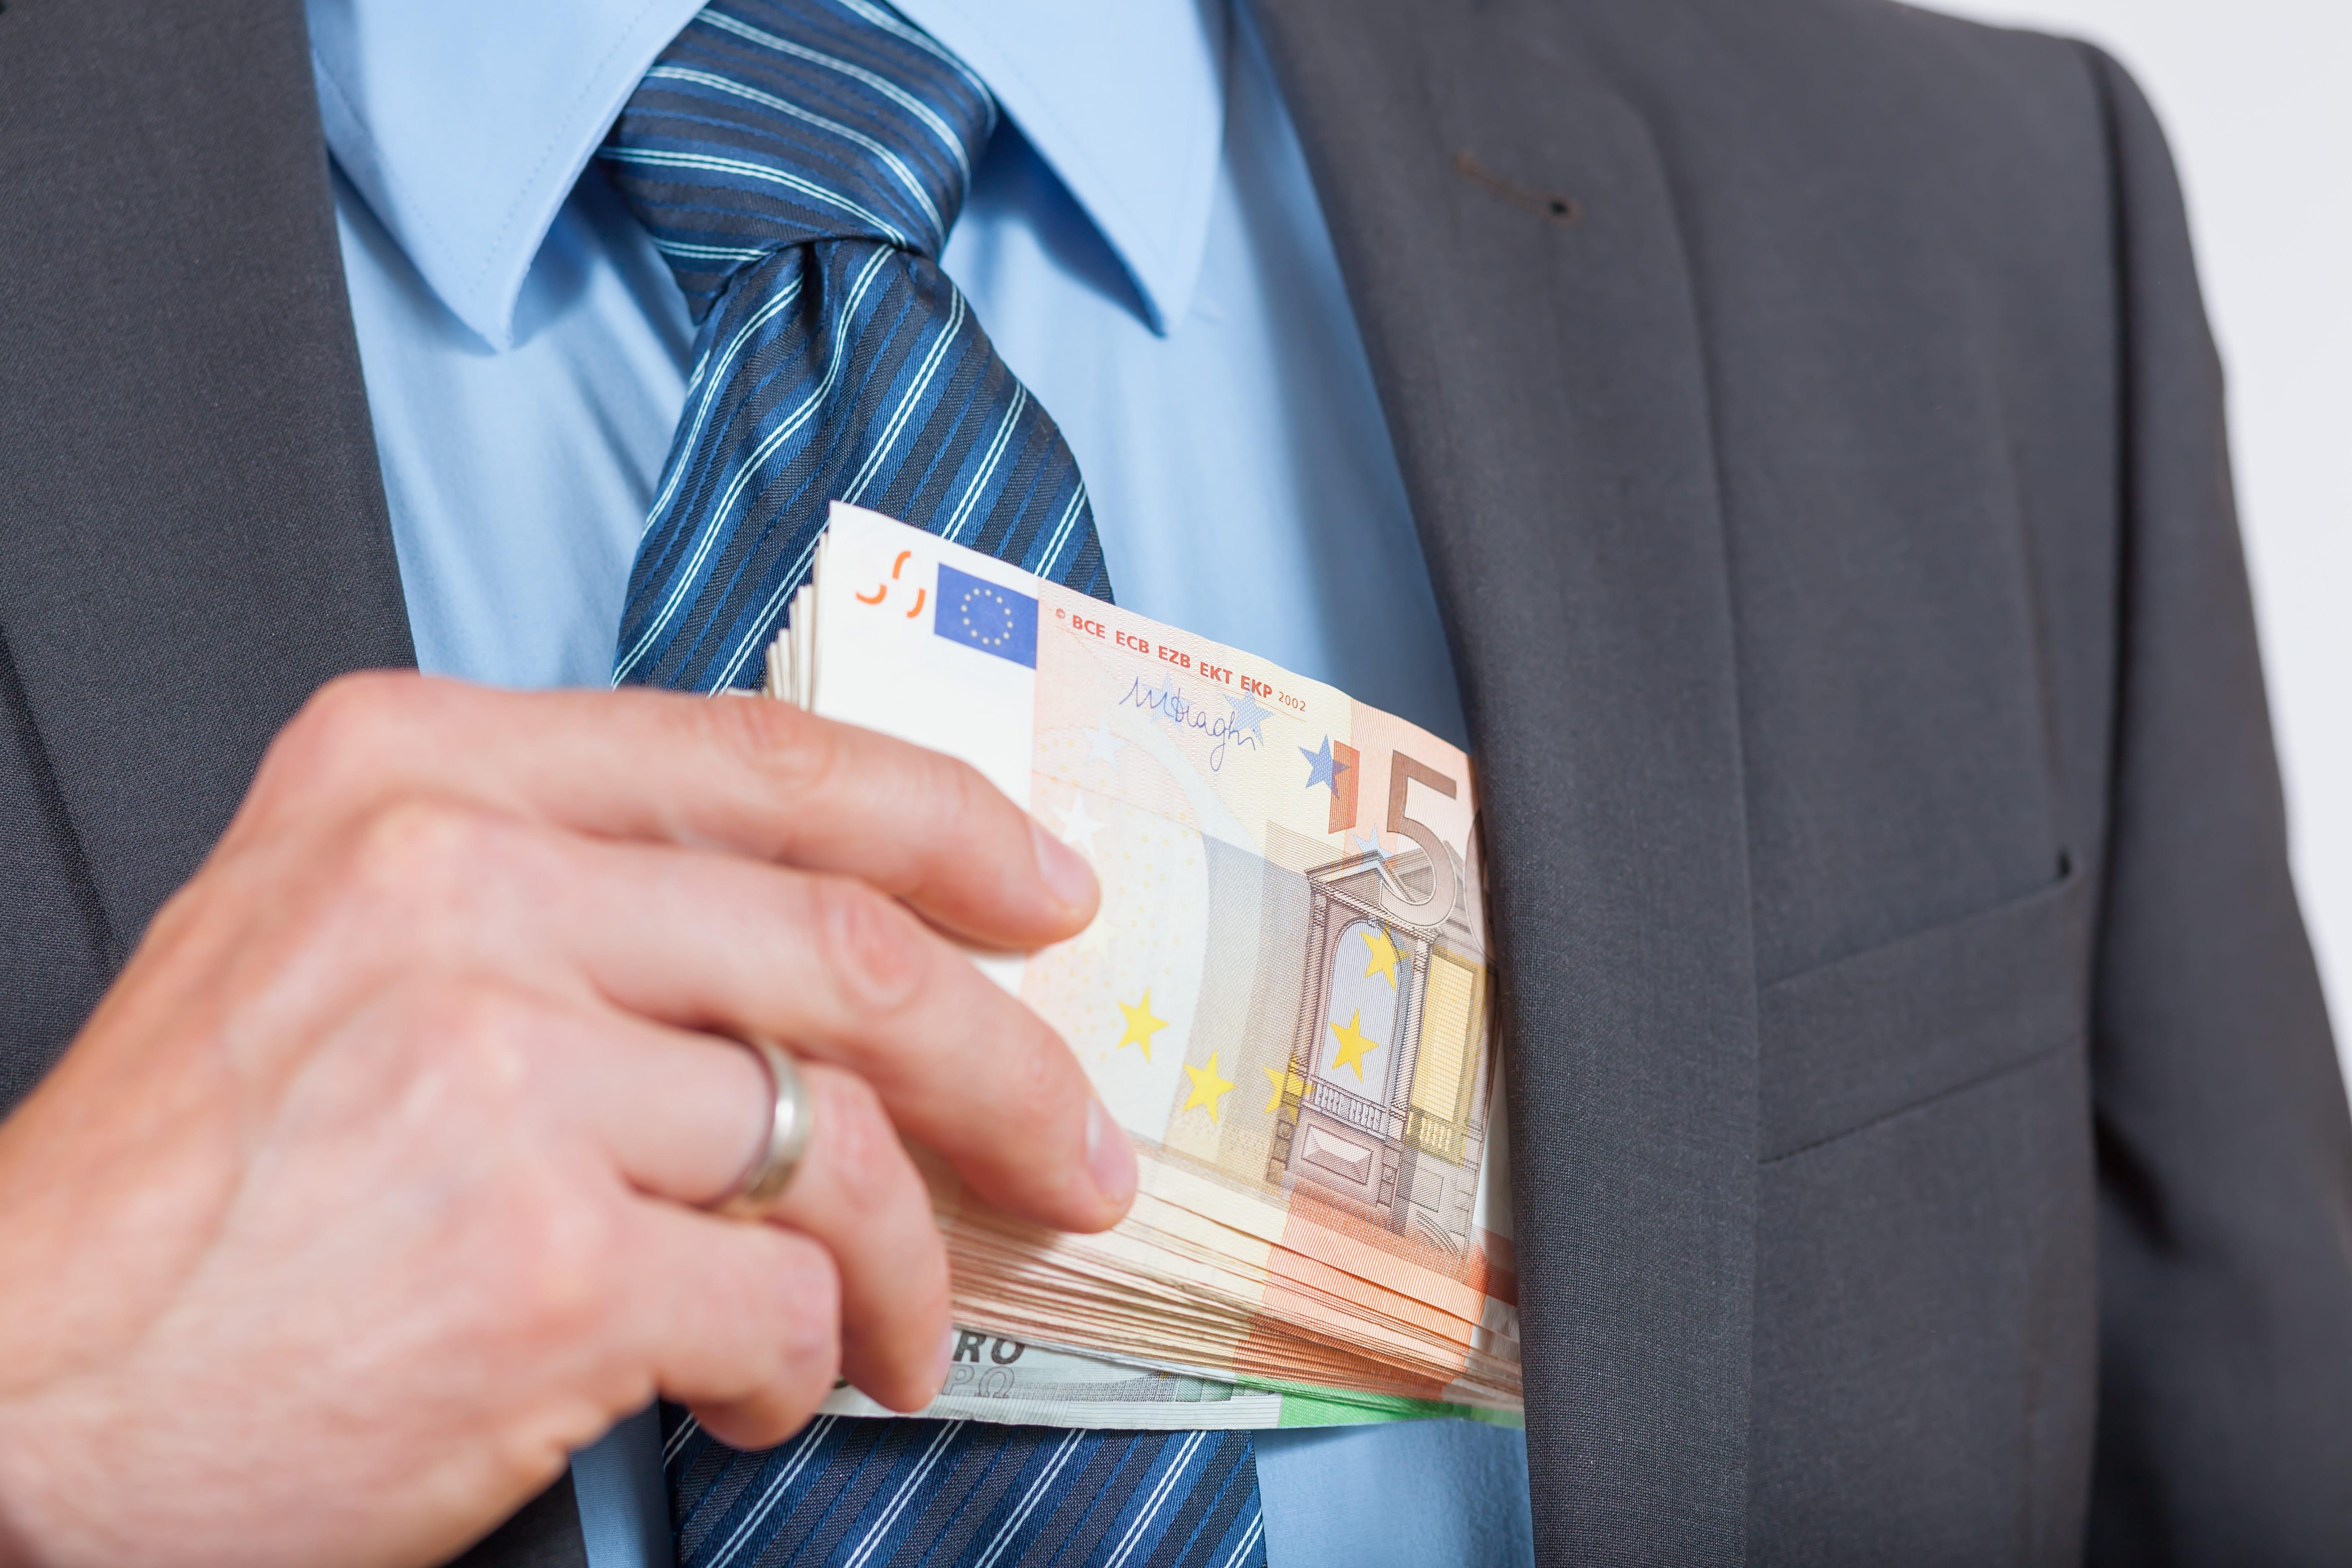 prestamistas en Lorca particulares y privados